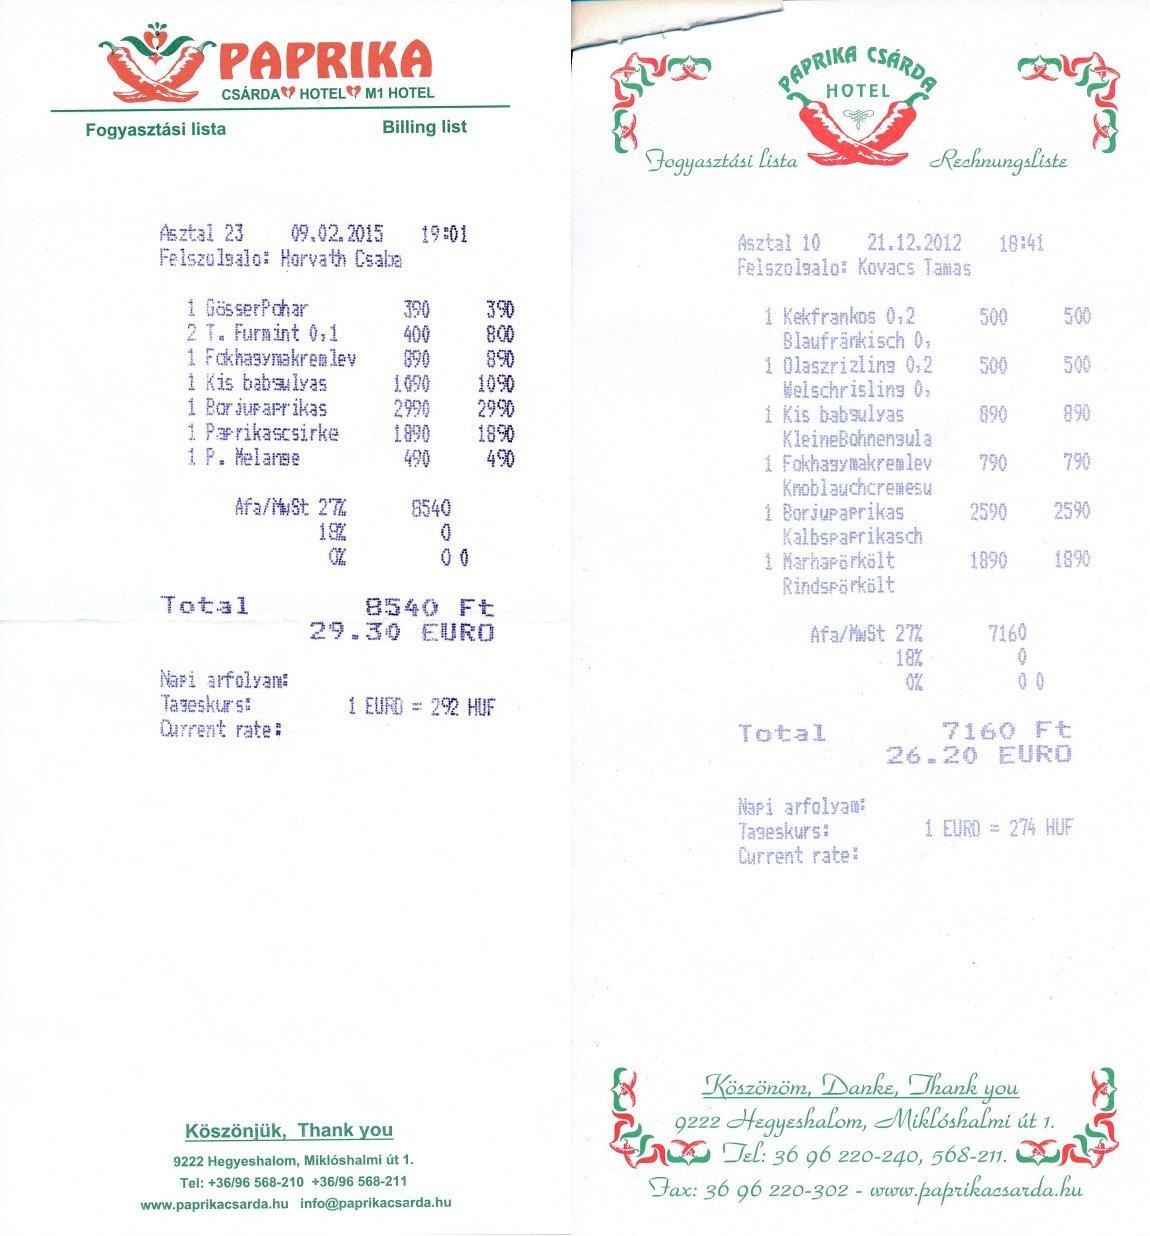 PaprikaCsarda_Rechnungen.jpg